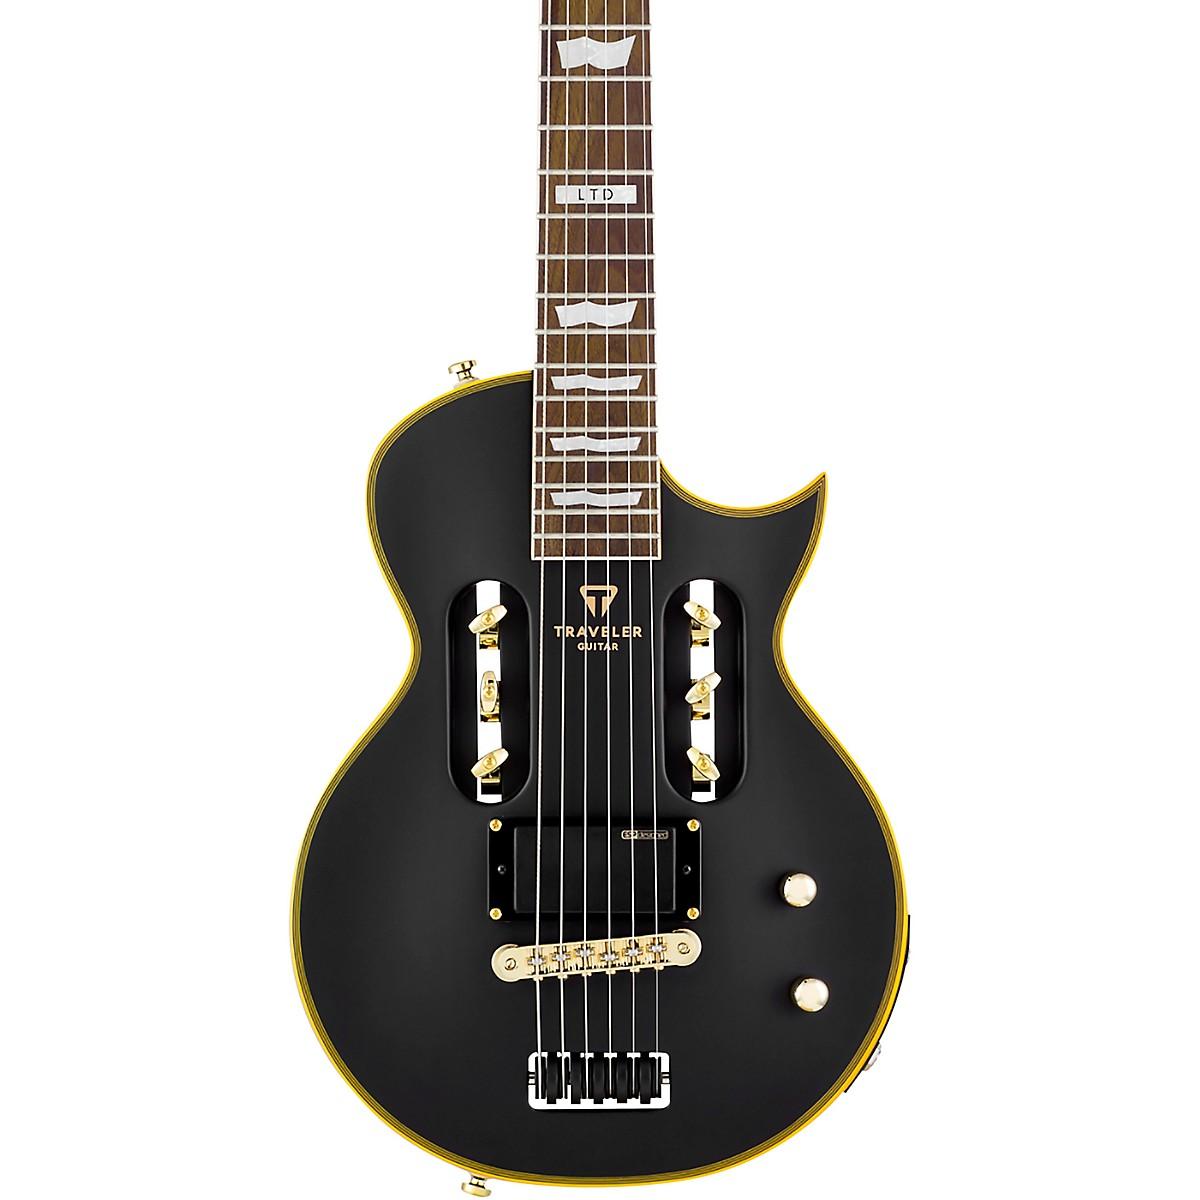 Traveler Guitar LTD EC-1 Electric Guitar